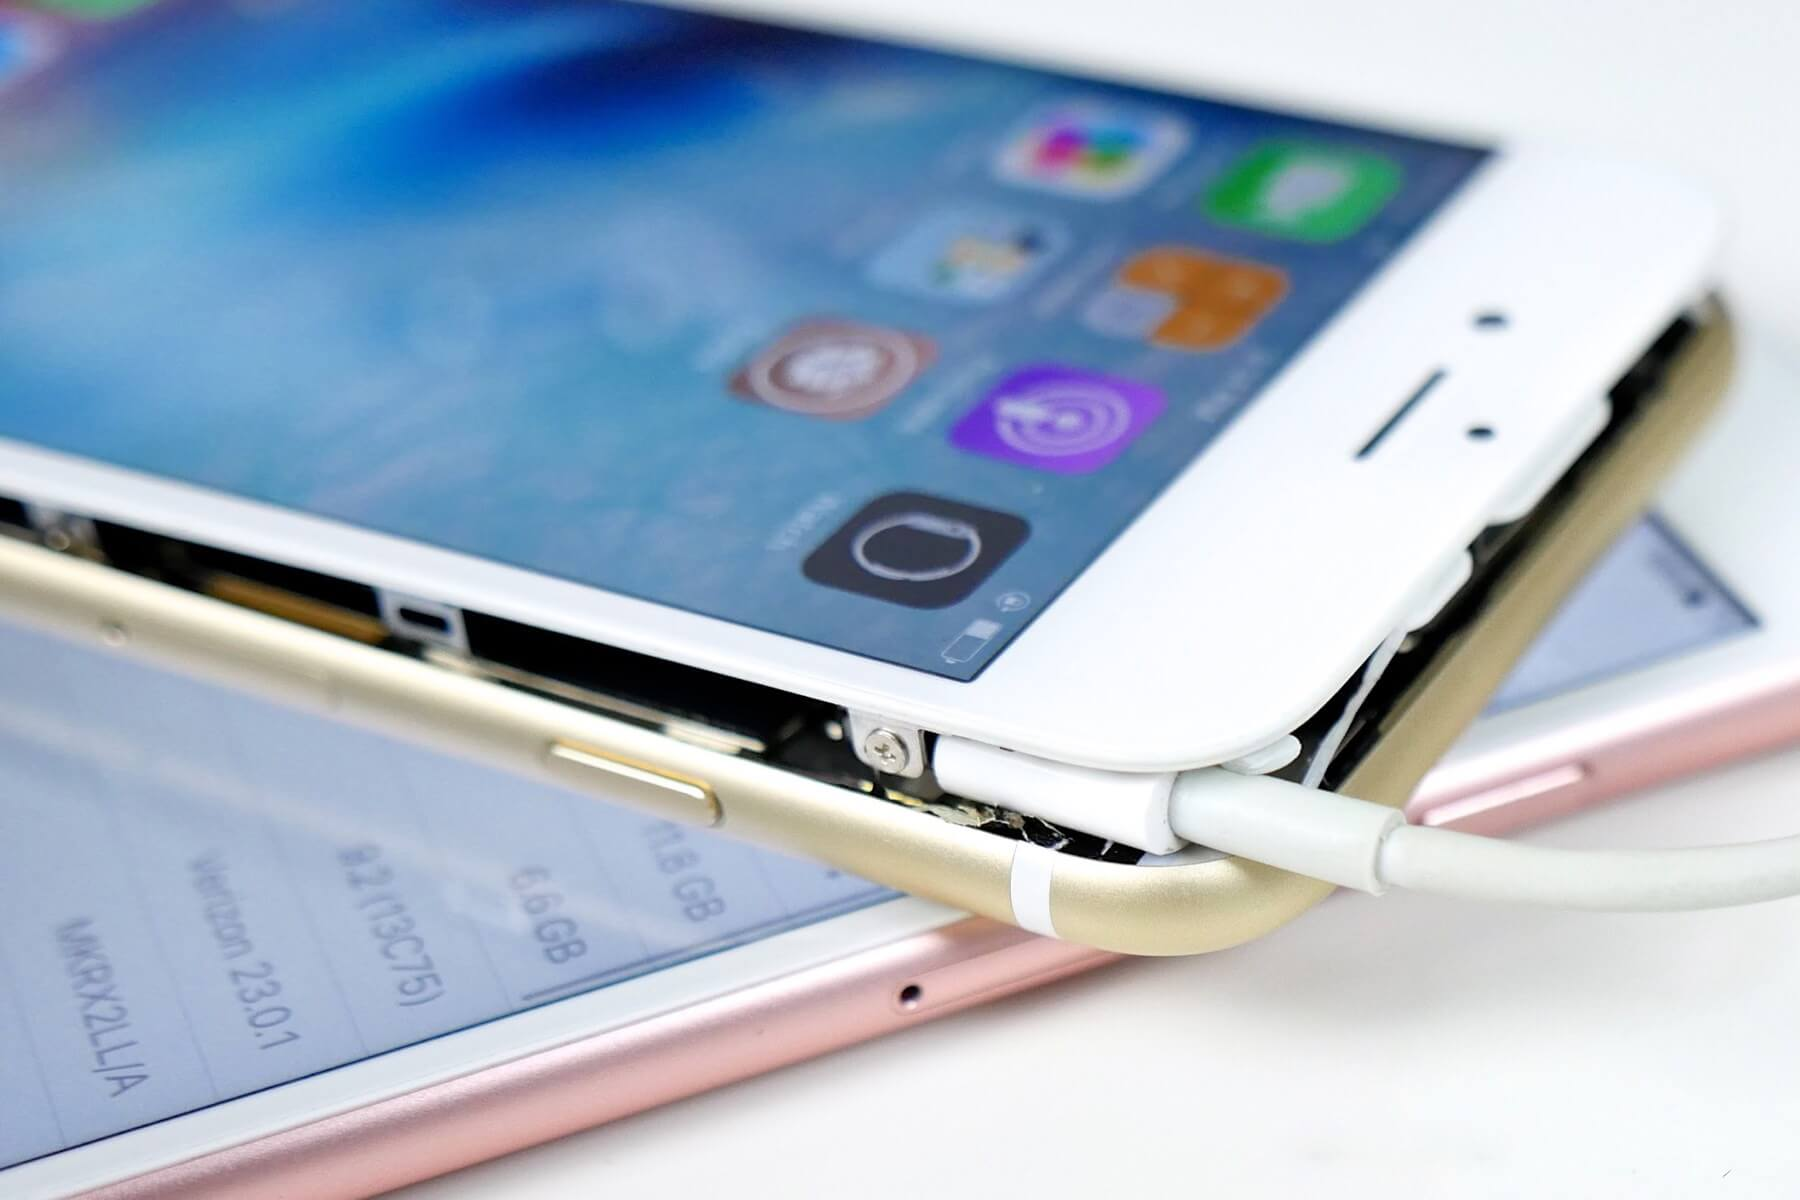 Скачать джейлбрейк для iOS 9.2 можно будет в первой половине февраля